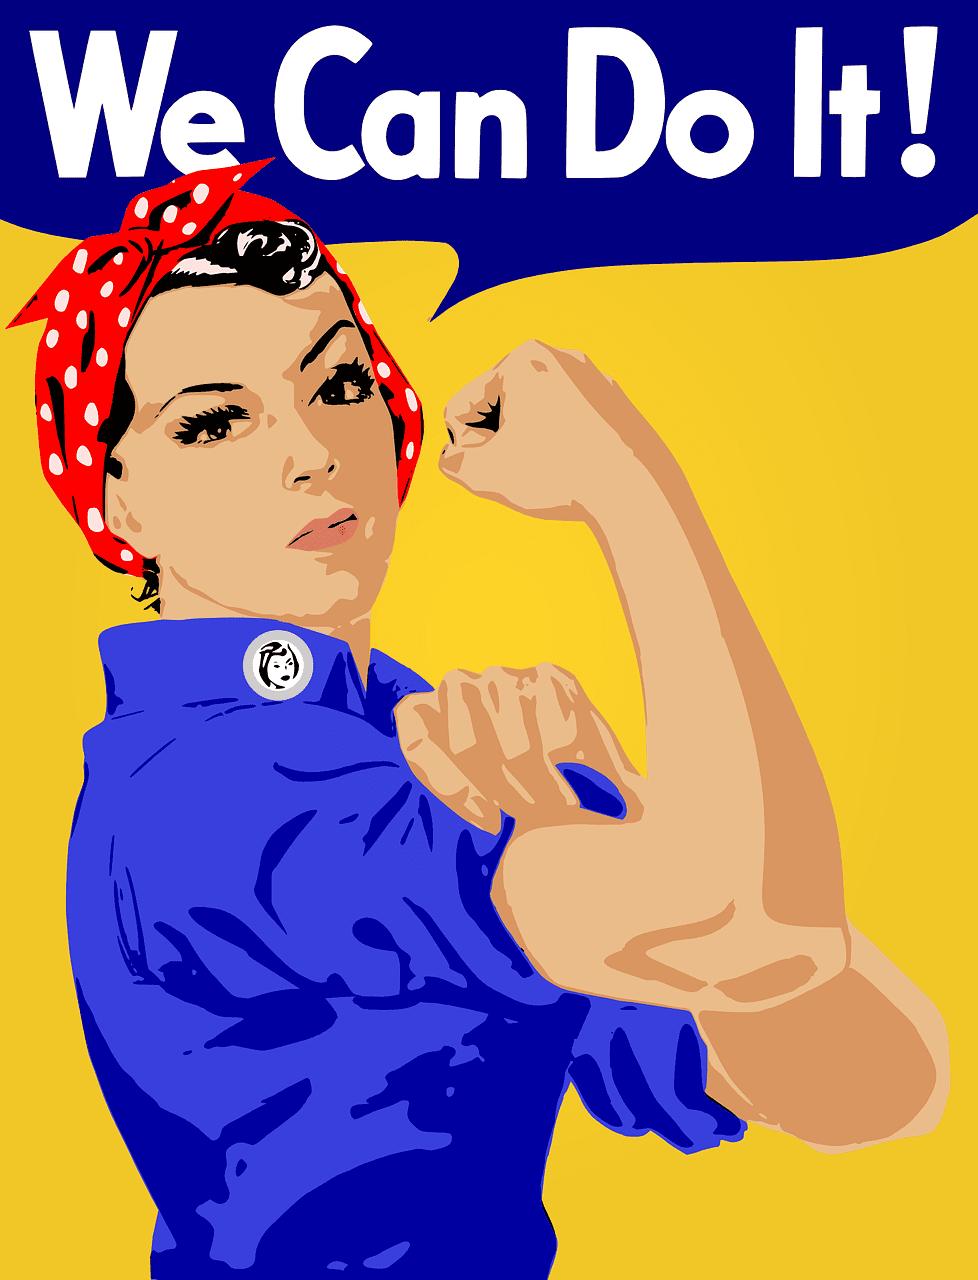 Le féminisme est-il inutile en 2019 ?